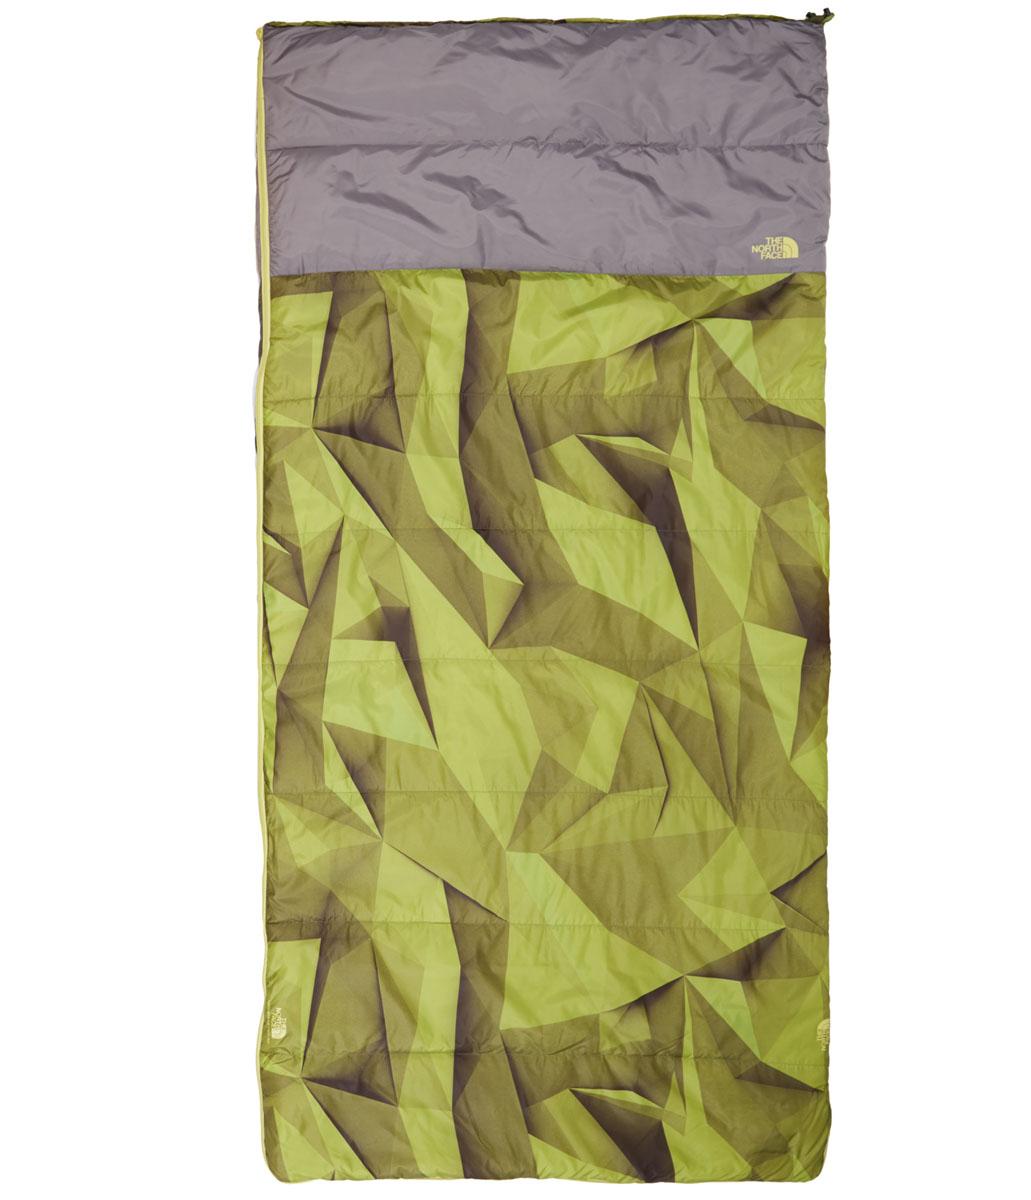 Спальный мешок The North Face Homestead Twin 40/4, цвет: зеленый. T0CJ2YHAPRH REGT0CJ2YHAPRH REGВершина кемпингового комфорта и стиля - огромный синтетический спальный мешок The North Face Homestead Twin 40/4 размером со стандартный двойной коврик. Есть возможность состегивания с аналогичным спальным мешком. Для удобства транспортировки он упакован в удобный чехол с лямками.